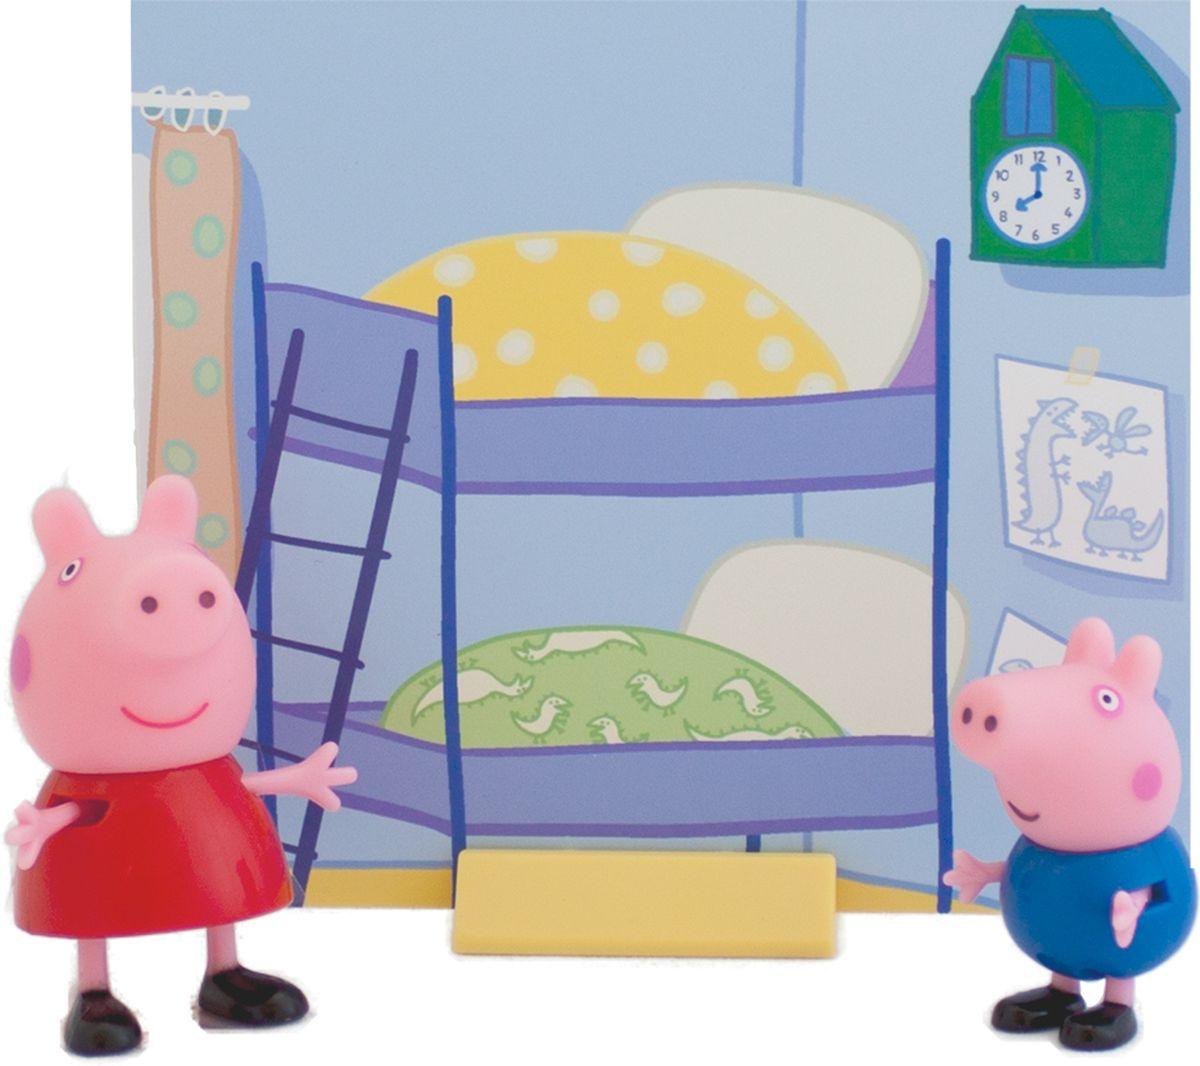 Peppa Pig Игровой набор Пеппа и Джордж мягкая игрушка peppa pig джордж с машинкой свинка розовый текстиль 18 см 29620